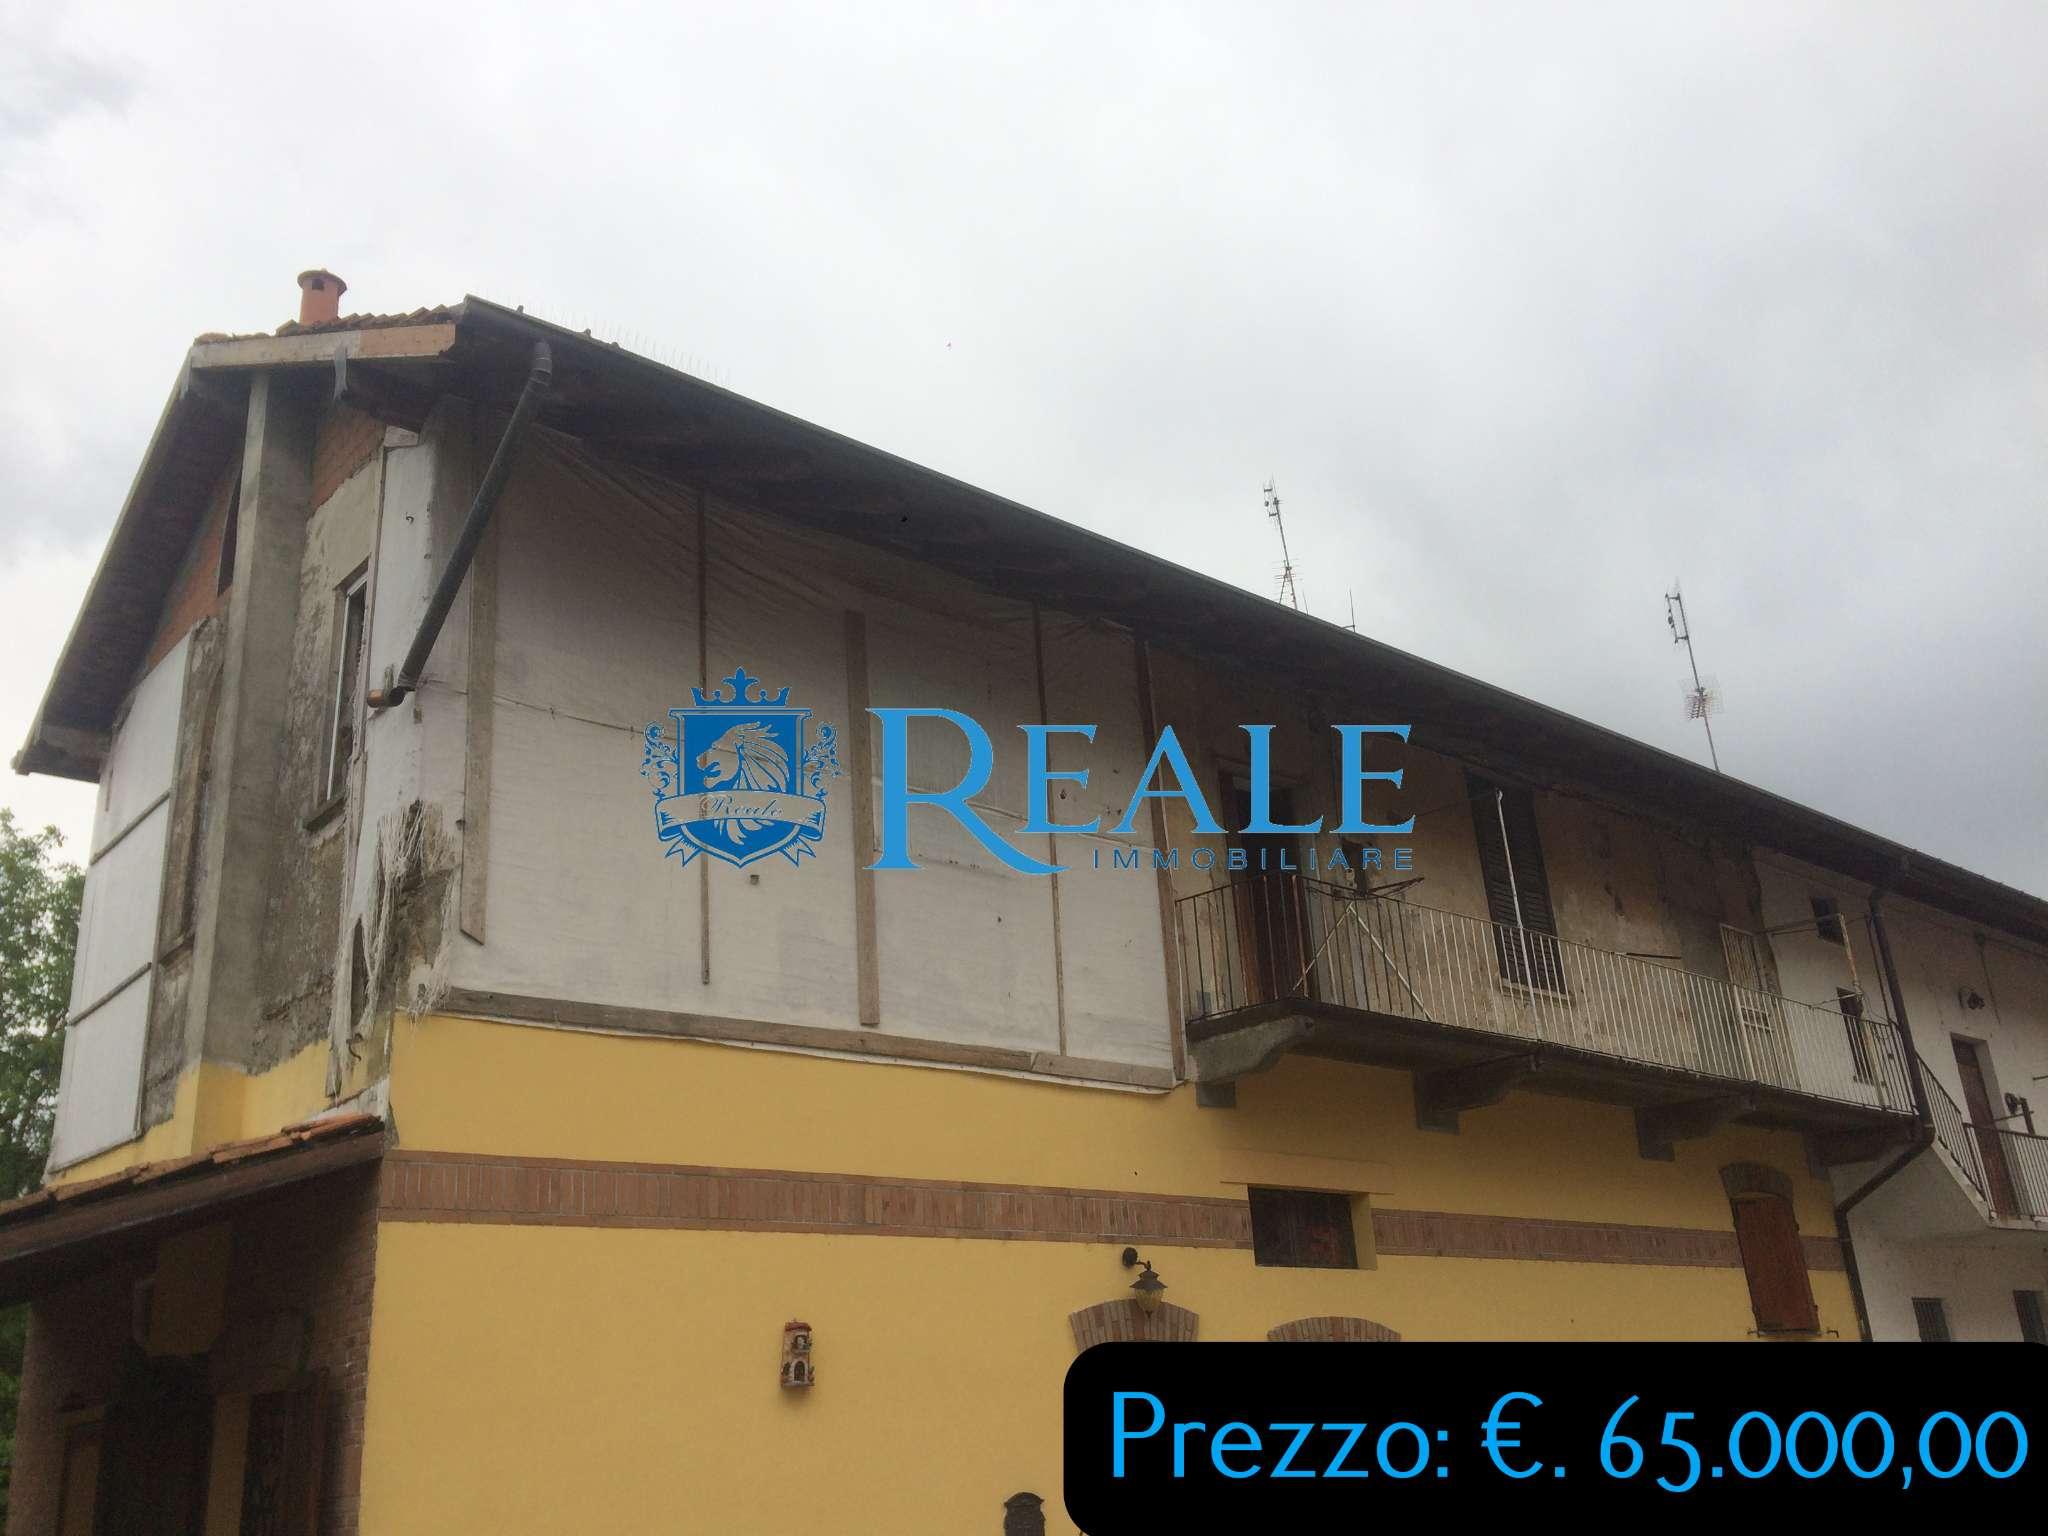 Rustico / Casale in vendita a Ossona, 3 locali, prezzo € 45.000 | PortaleAgenzieImmobiliari.it